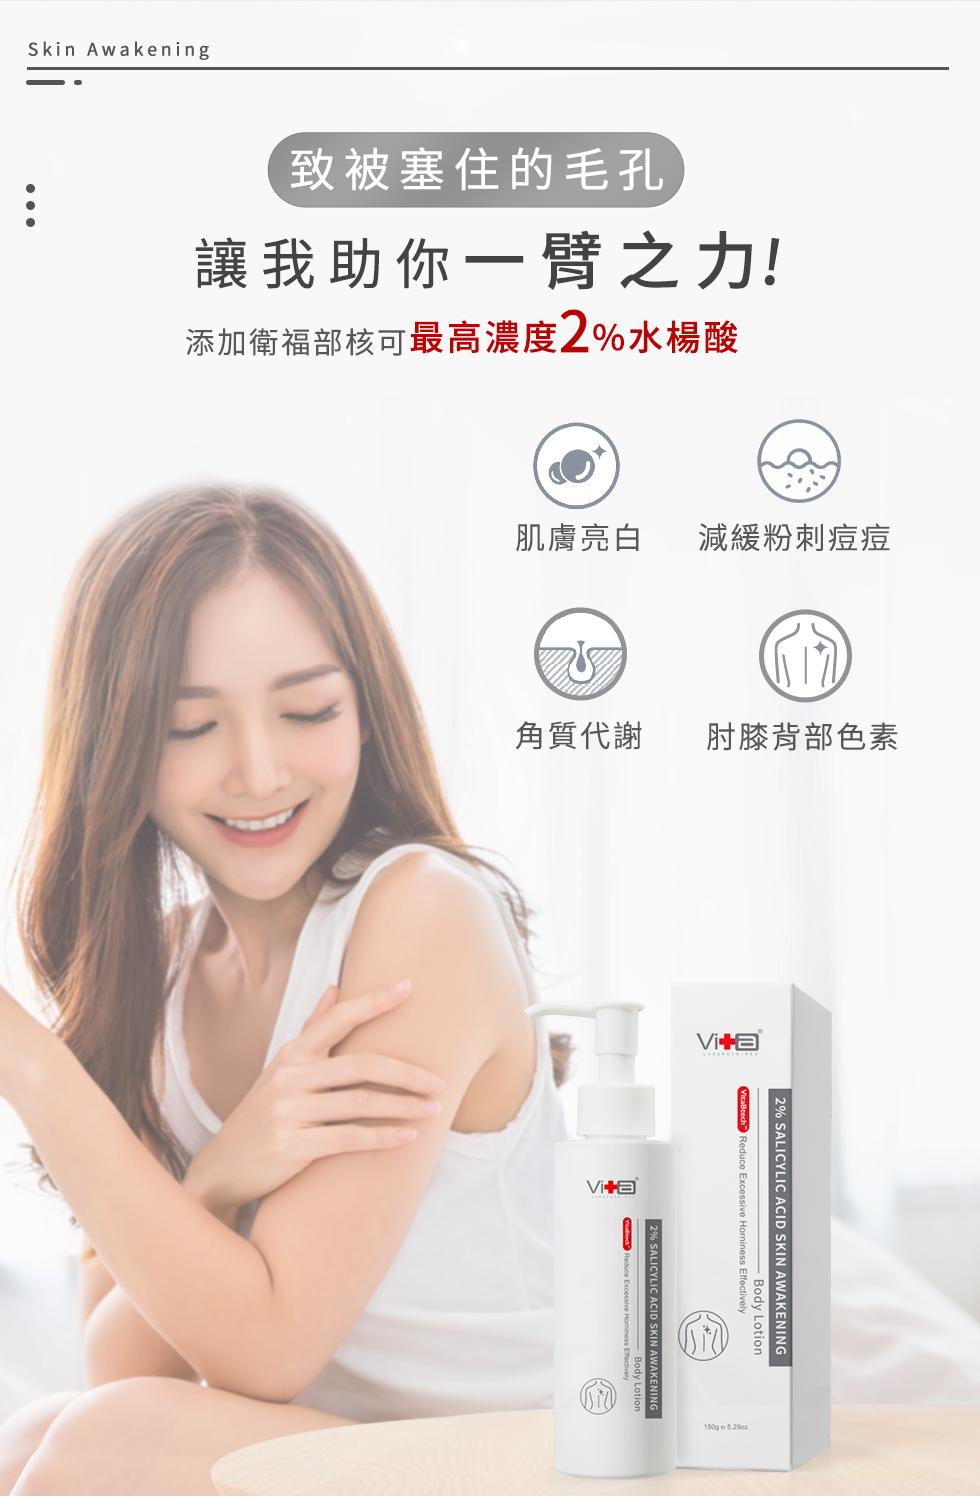 水楊酸改善肌膚助你一臂之力